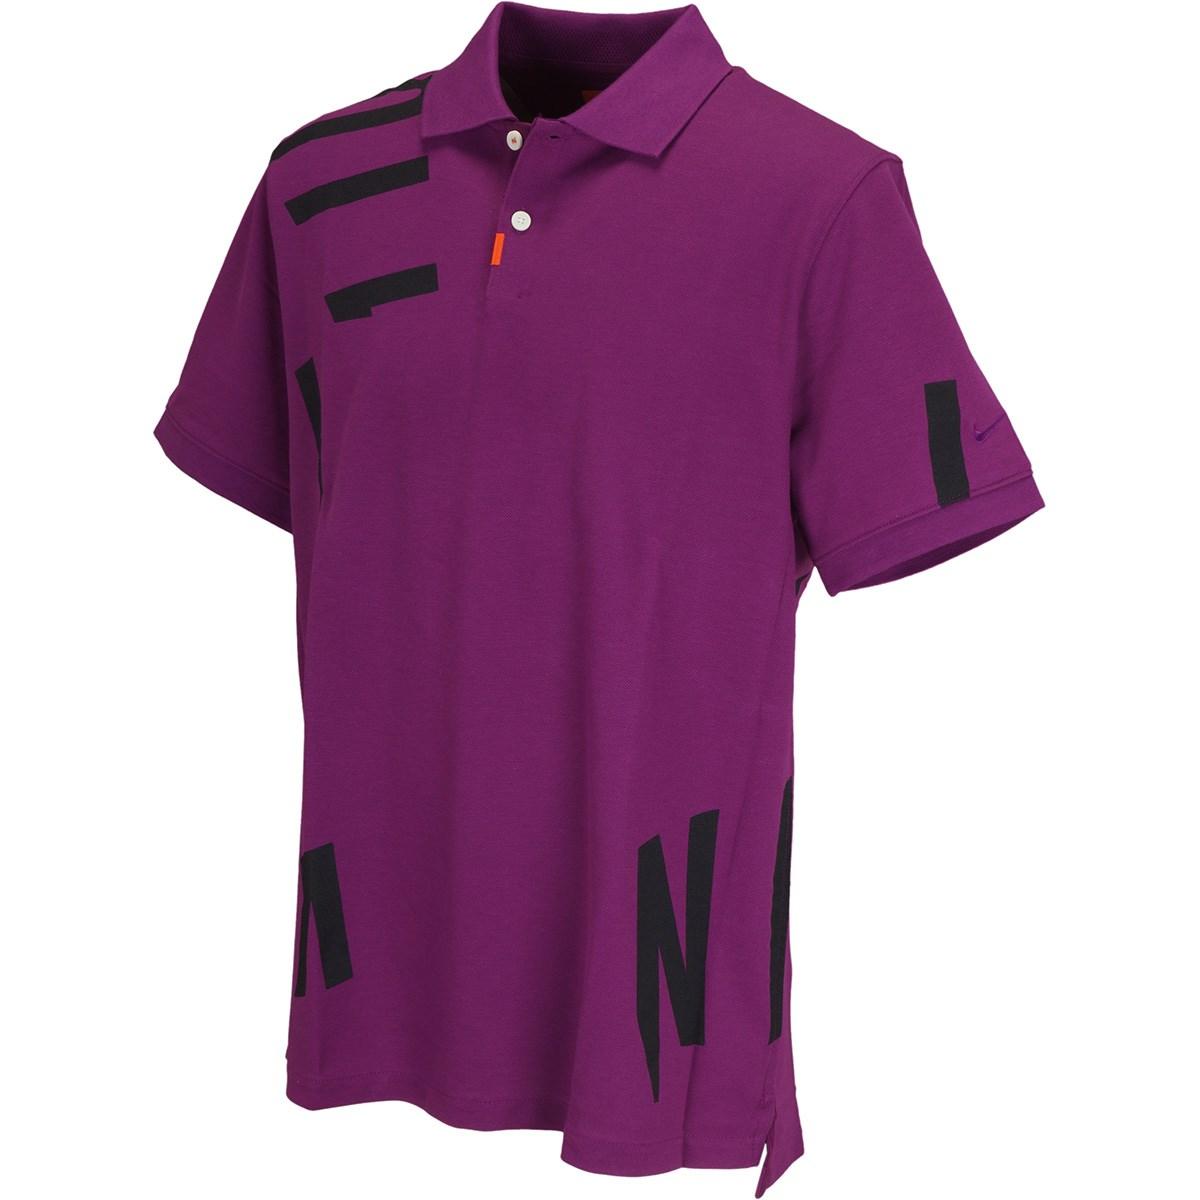 ナイキ(NIKE) GLF HCKD 半袖ポロシャツ